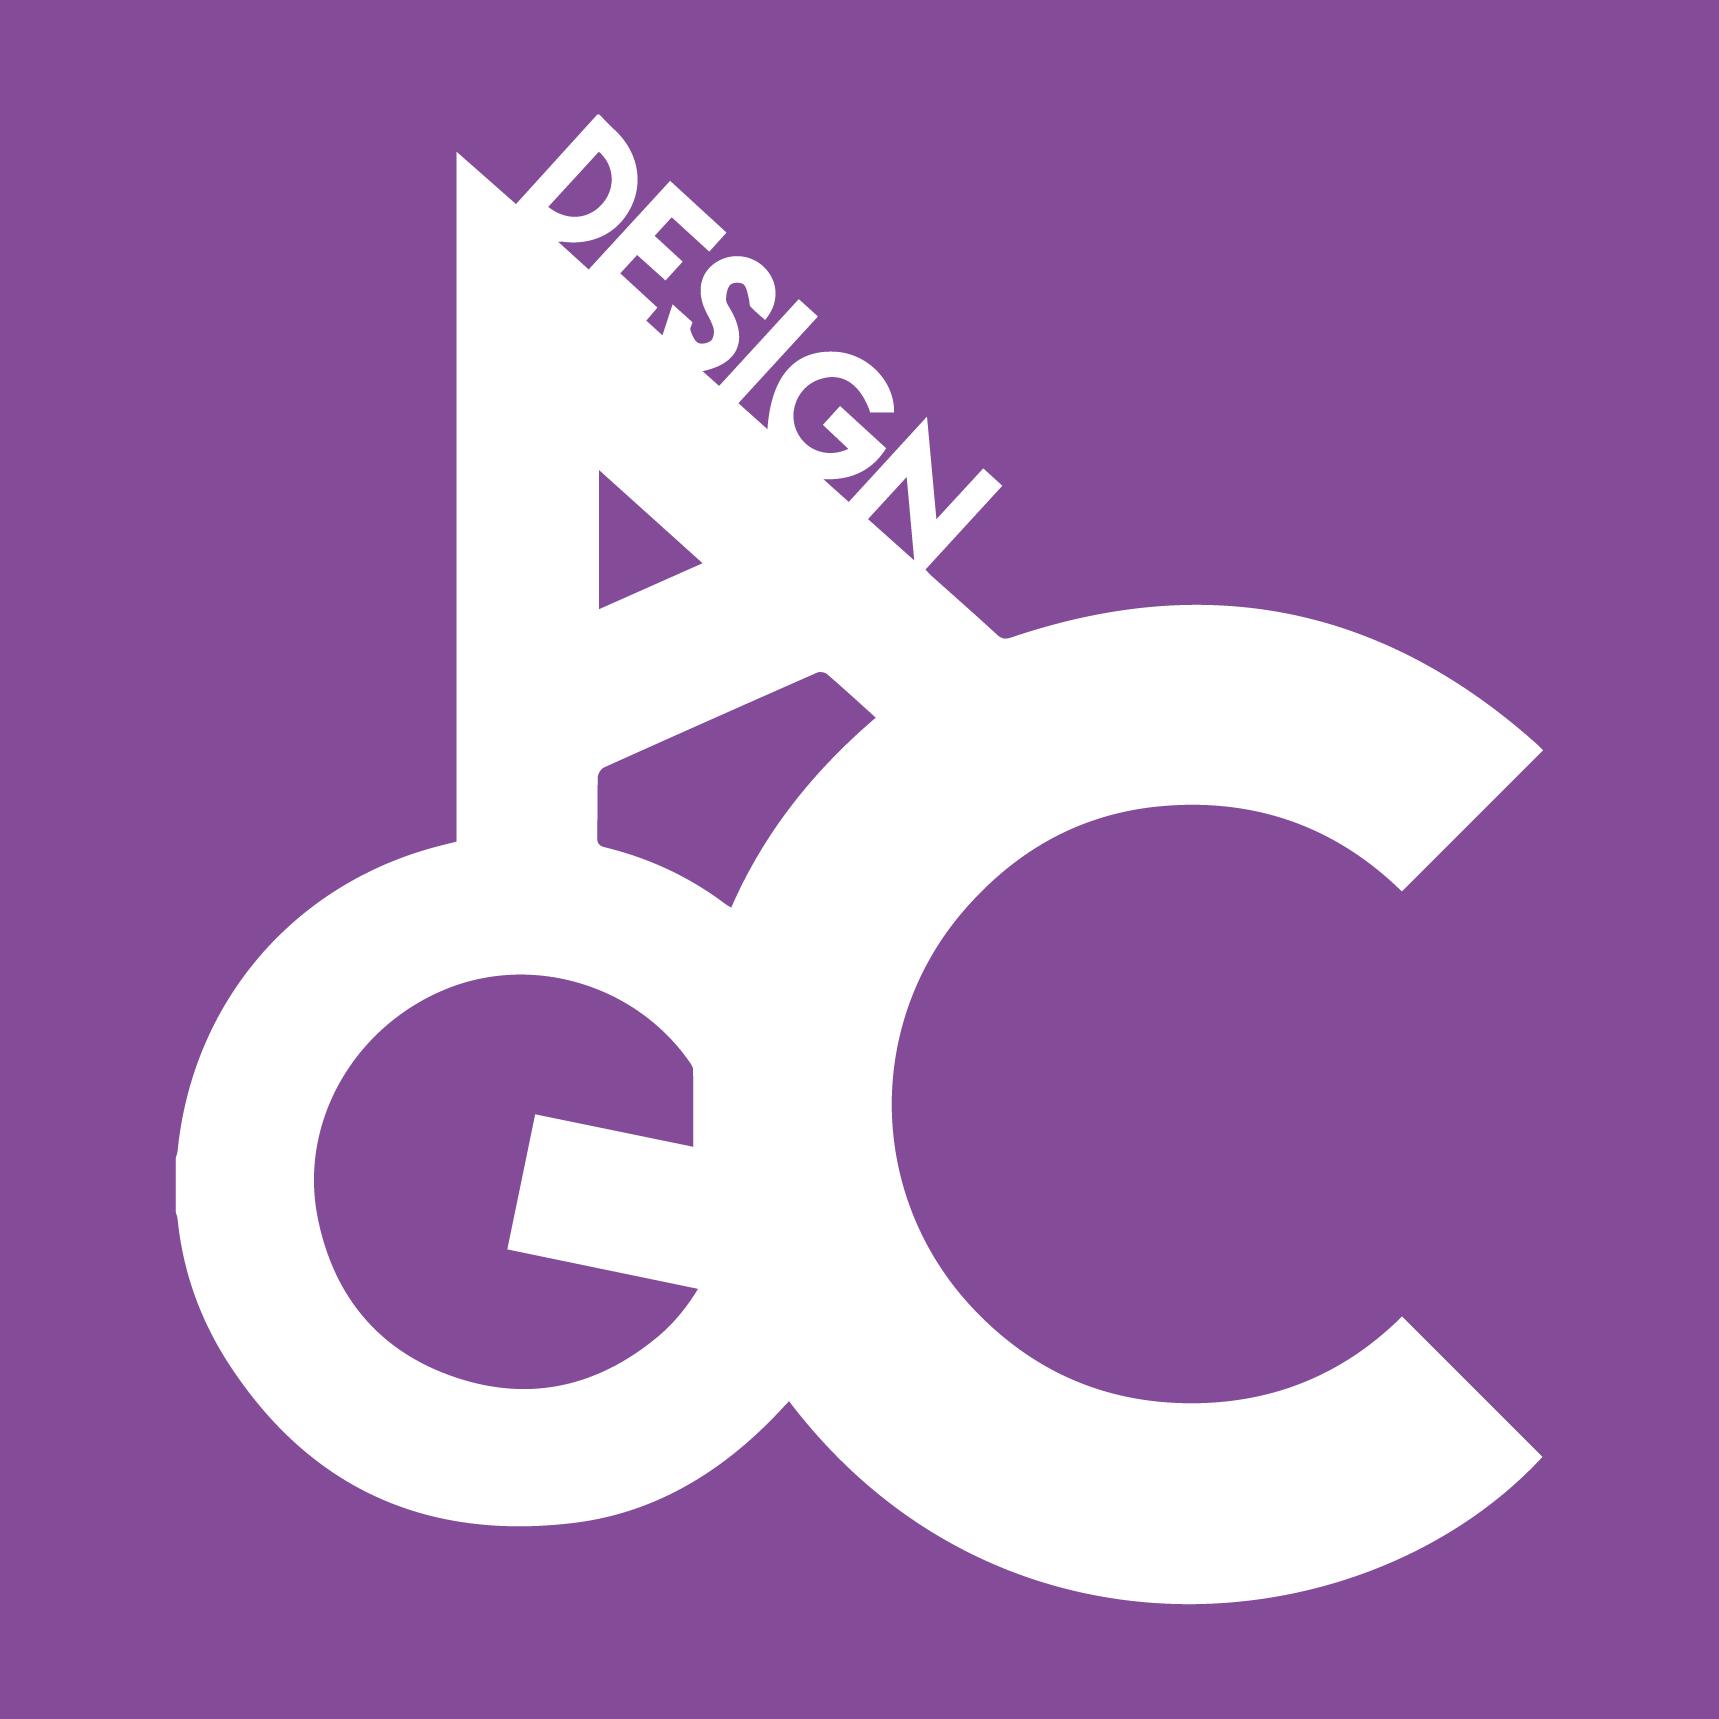 AGC Design